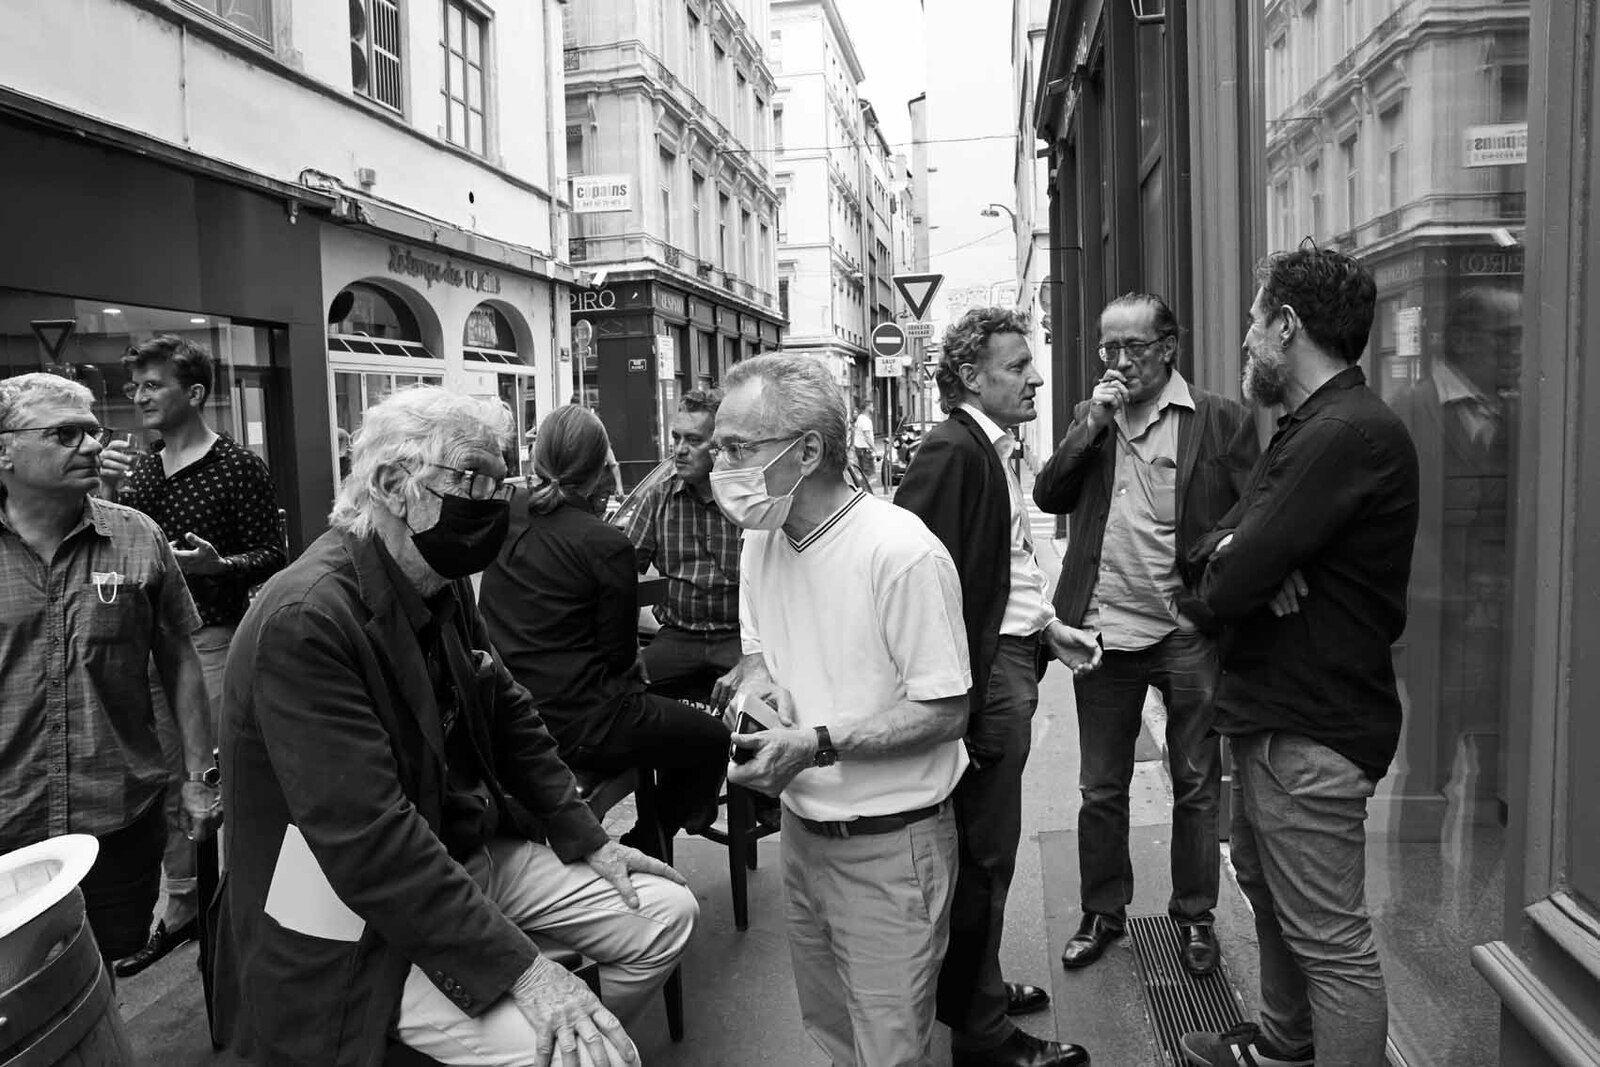 Christian Floquet, Loïc Garrier, Pierre Buraglio, Inconnu, Philippe Bouchet, Denis Laget, Franck Chalendard